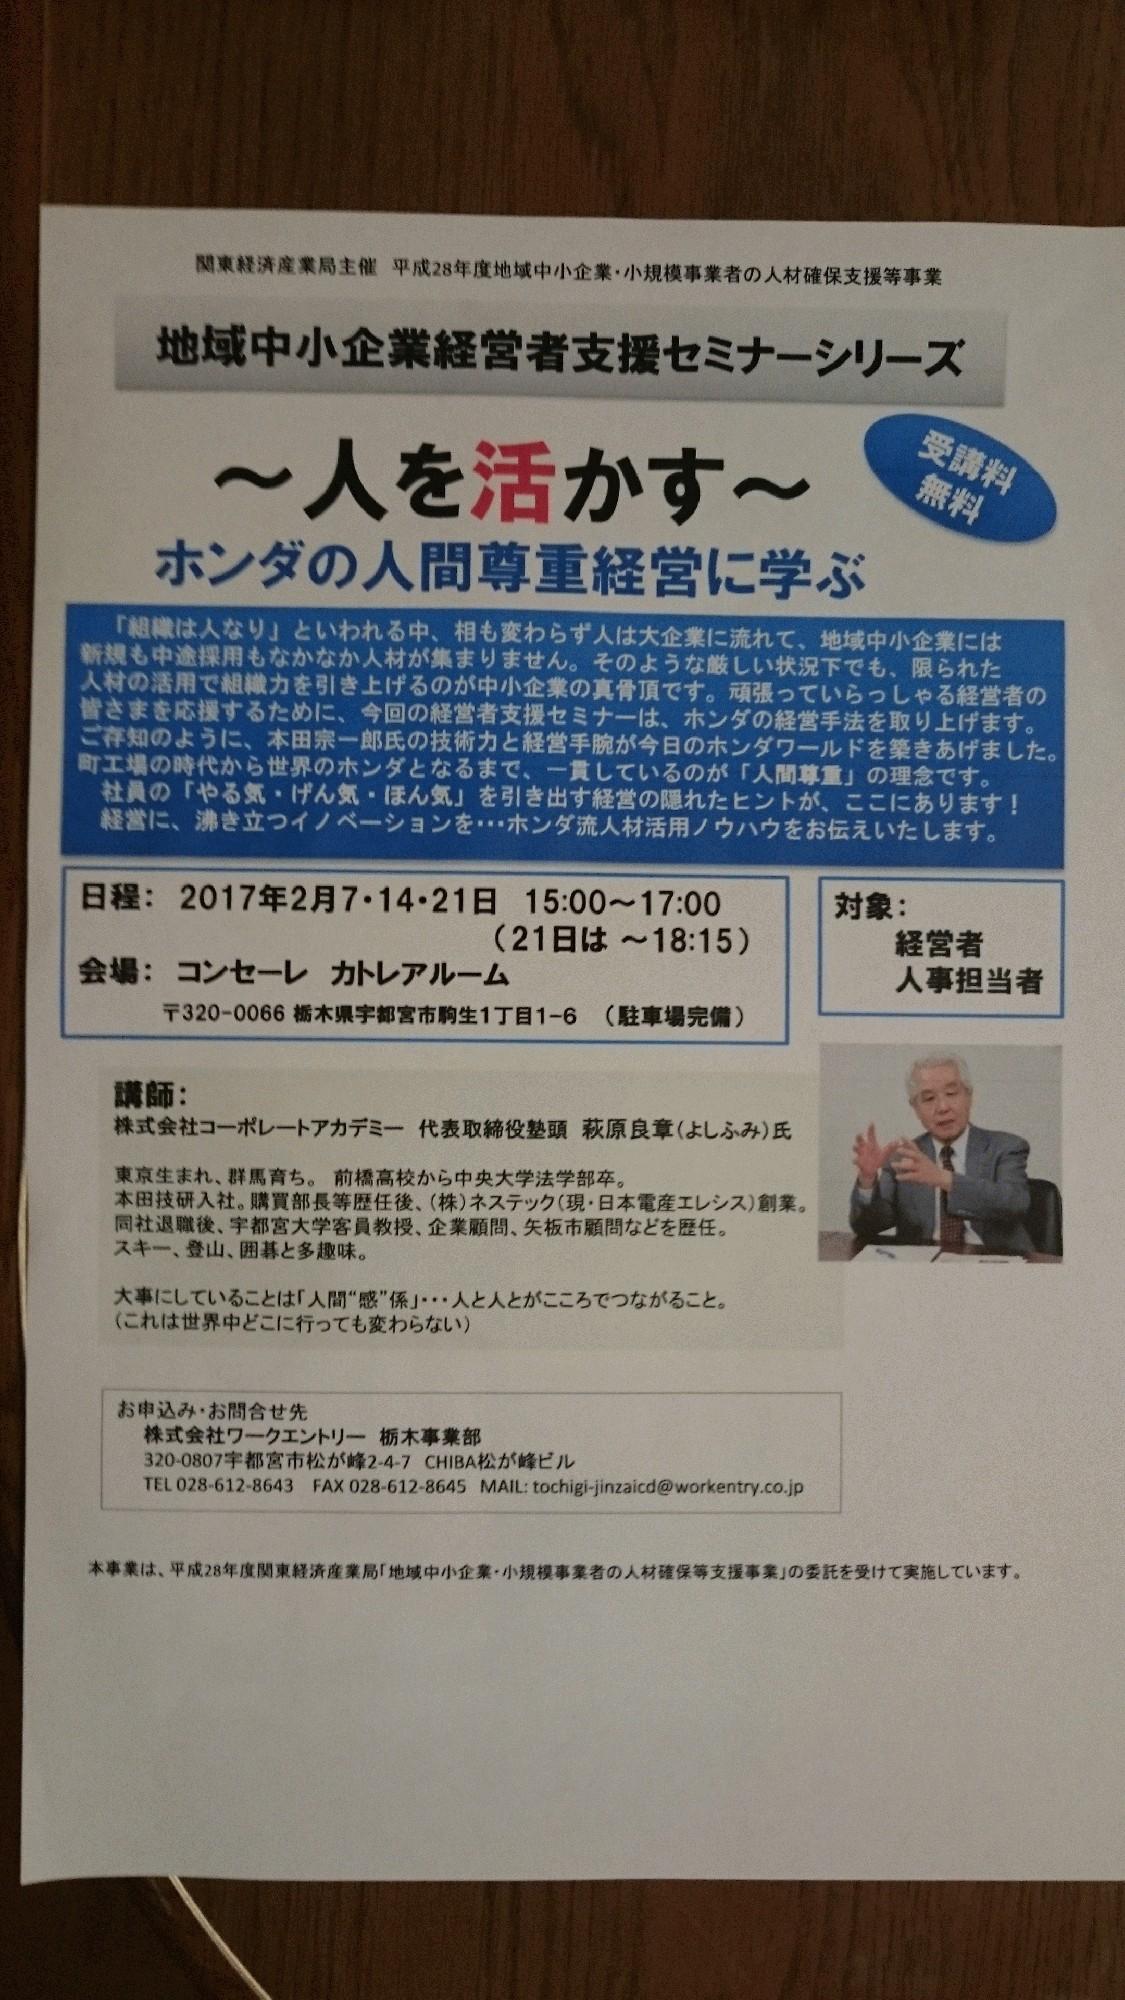 関東経済産業局よりセミナーを受託